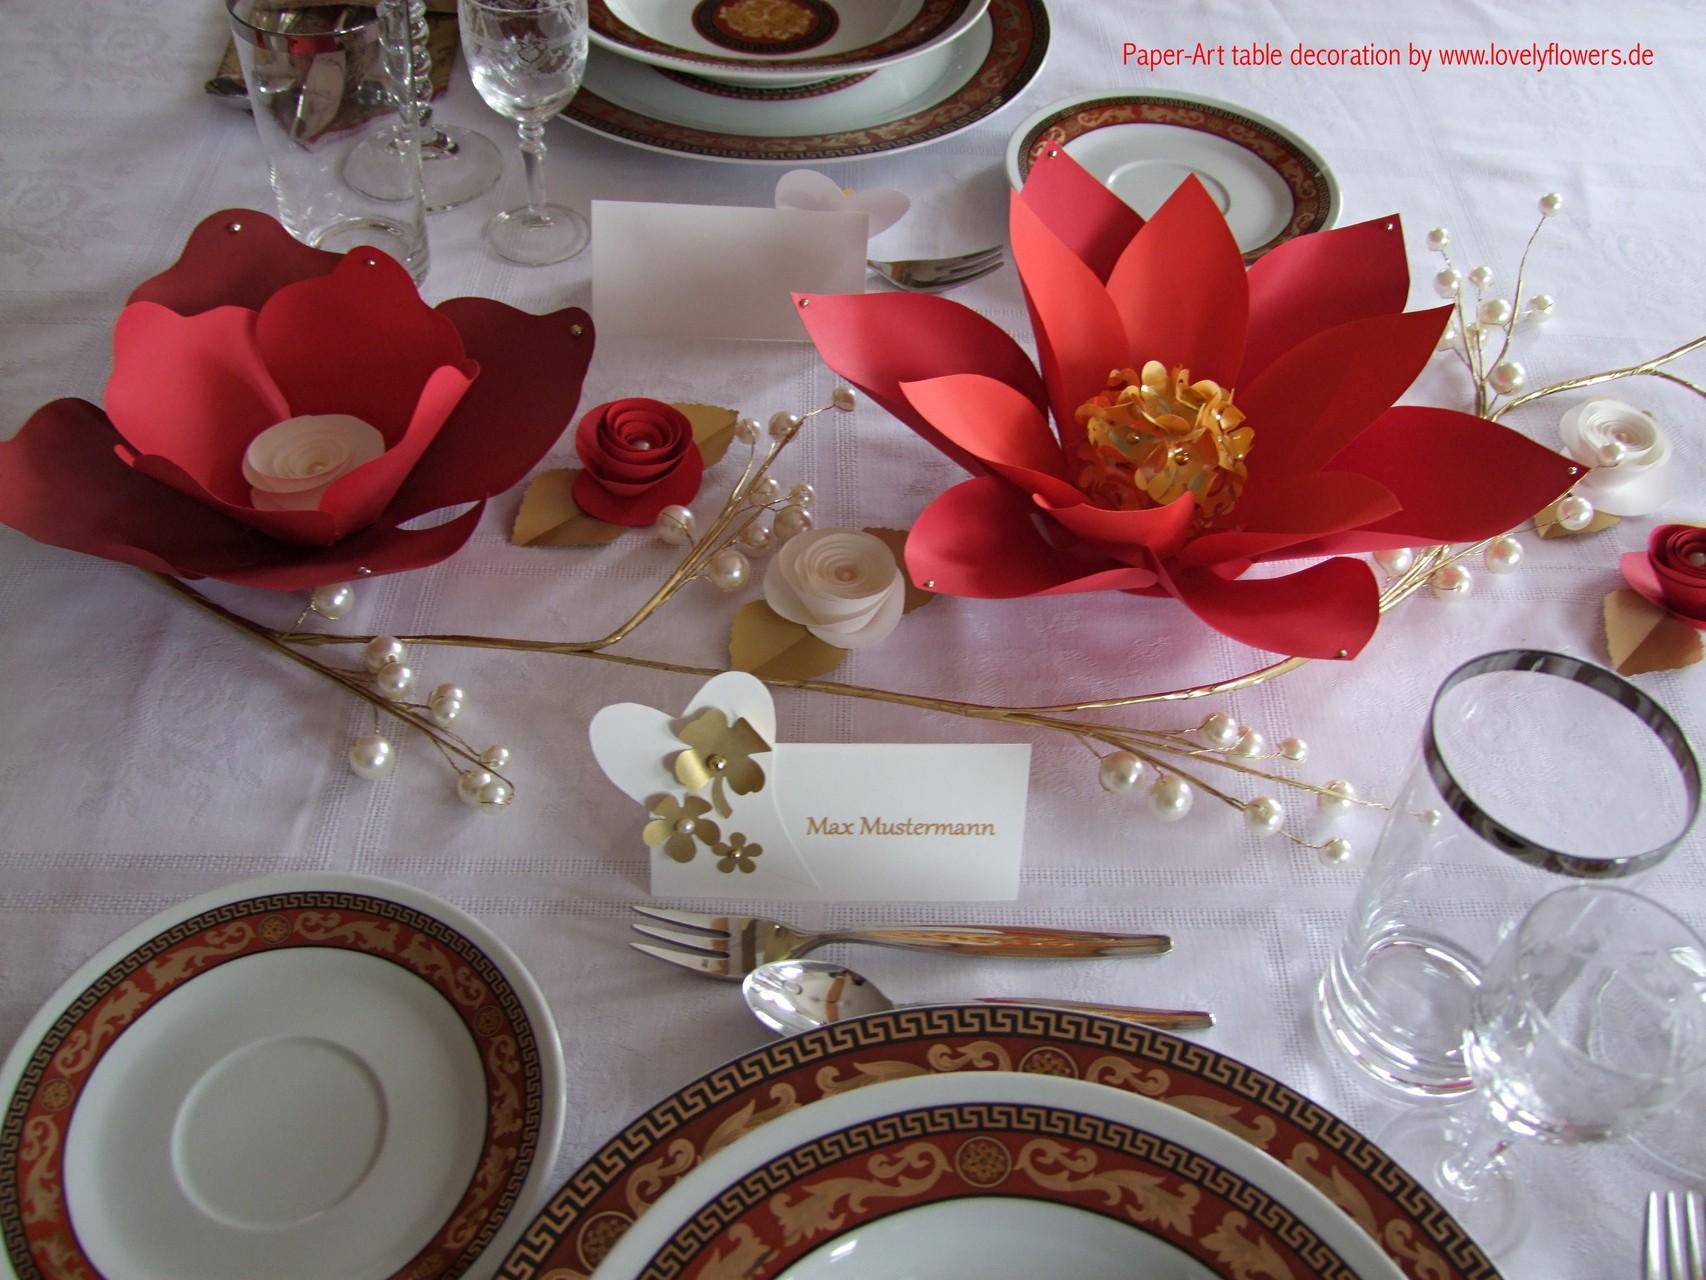 Edle Paper-Art Centerpiece Tischdekoration von www.lovelyflowers.de